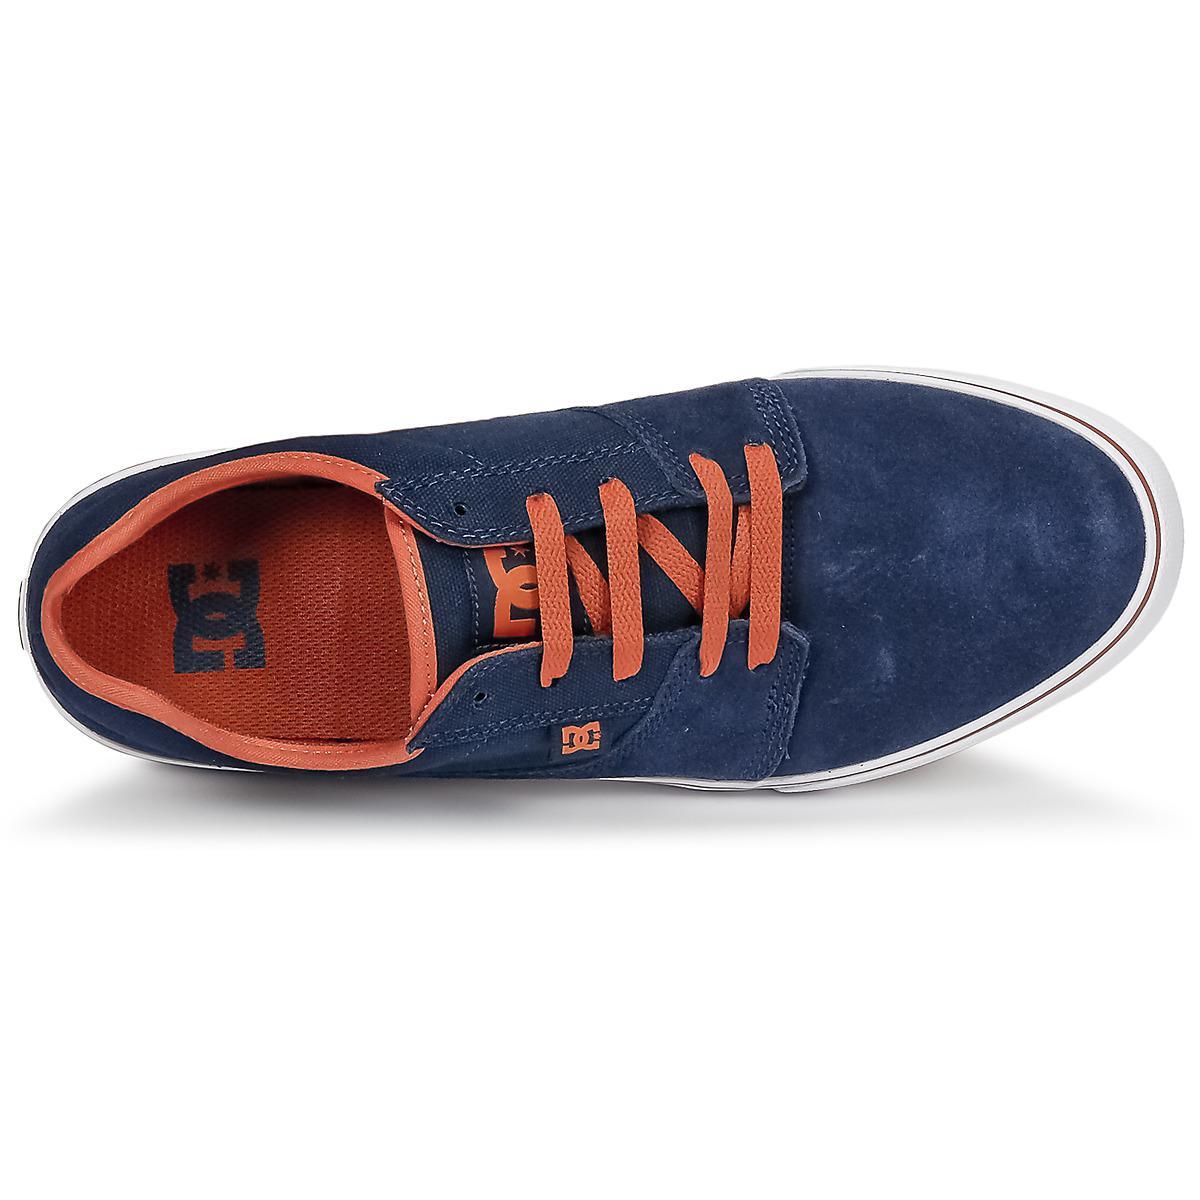 Tonik M Shoe Nvb Shoes (trainers)